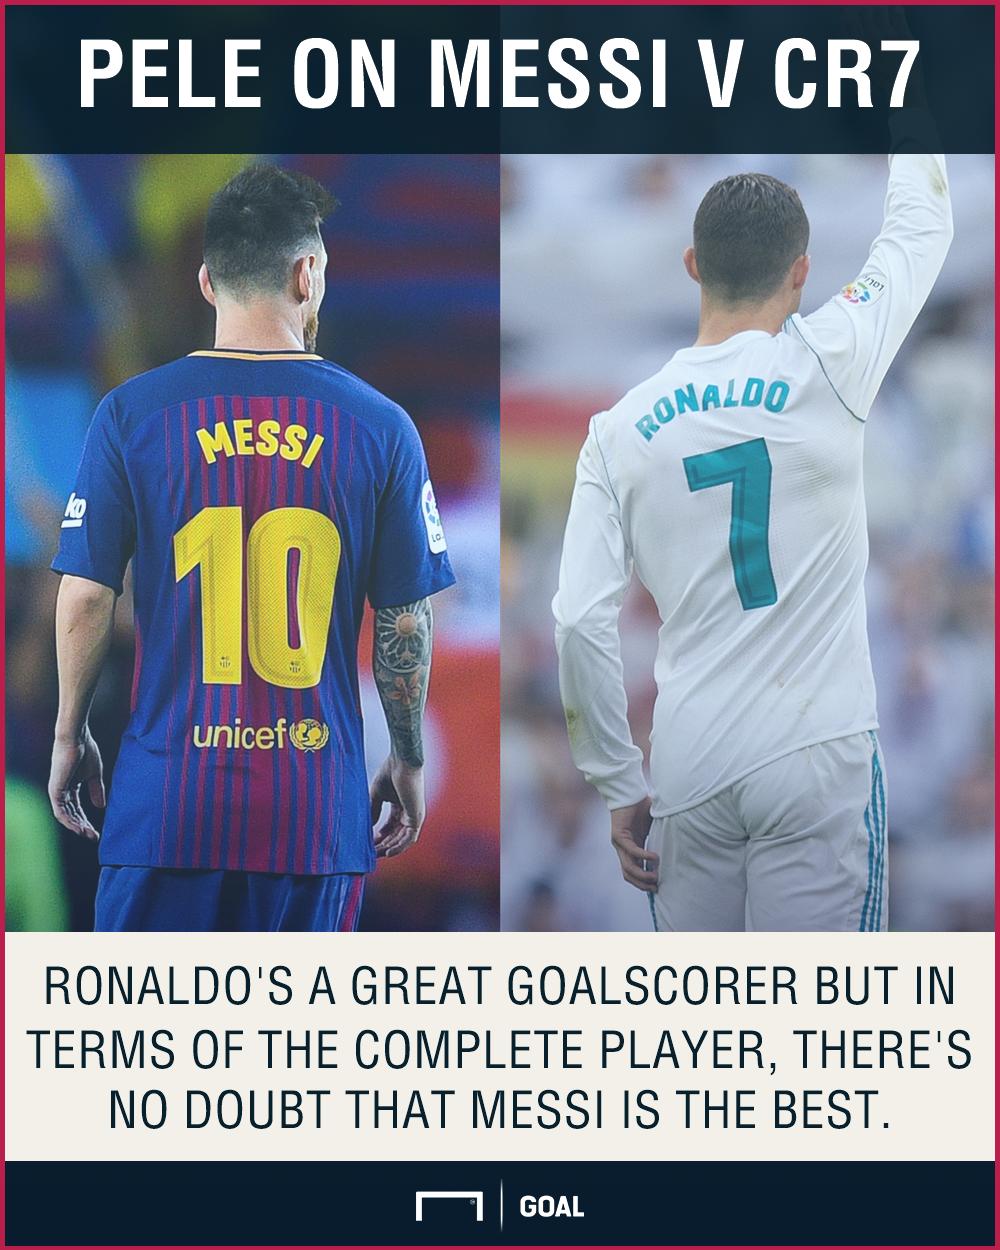 Pele Messi v Ronaldo